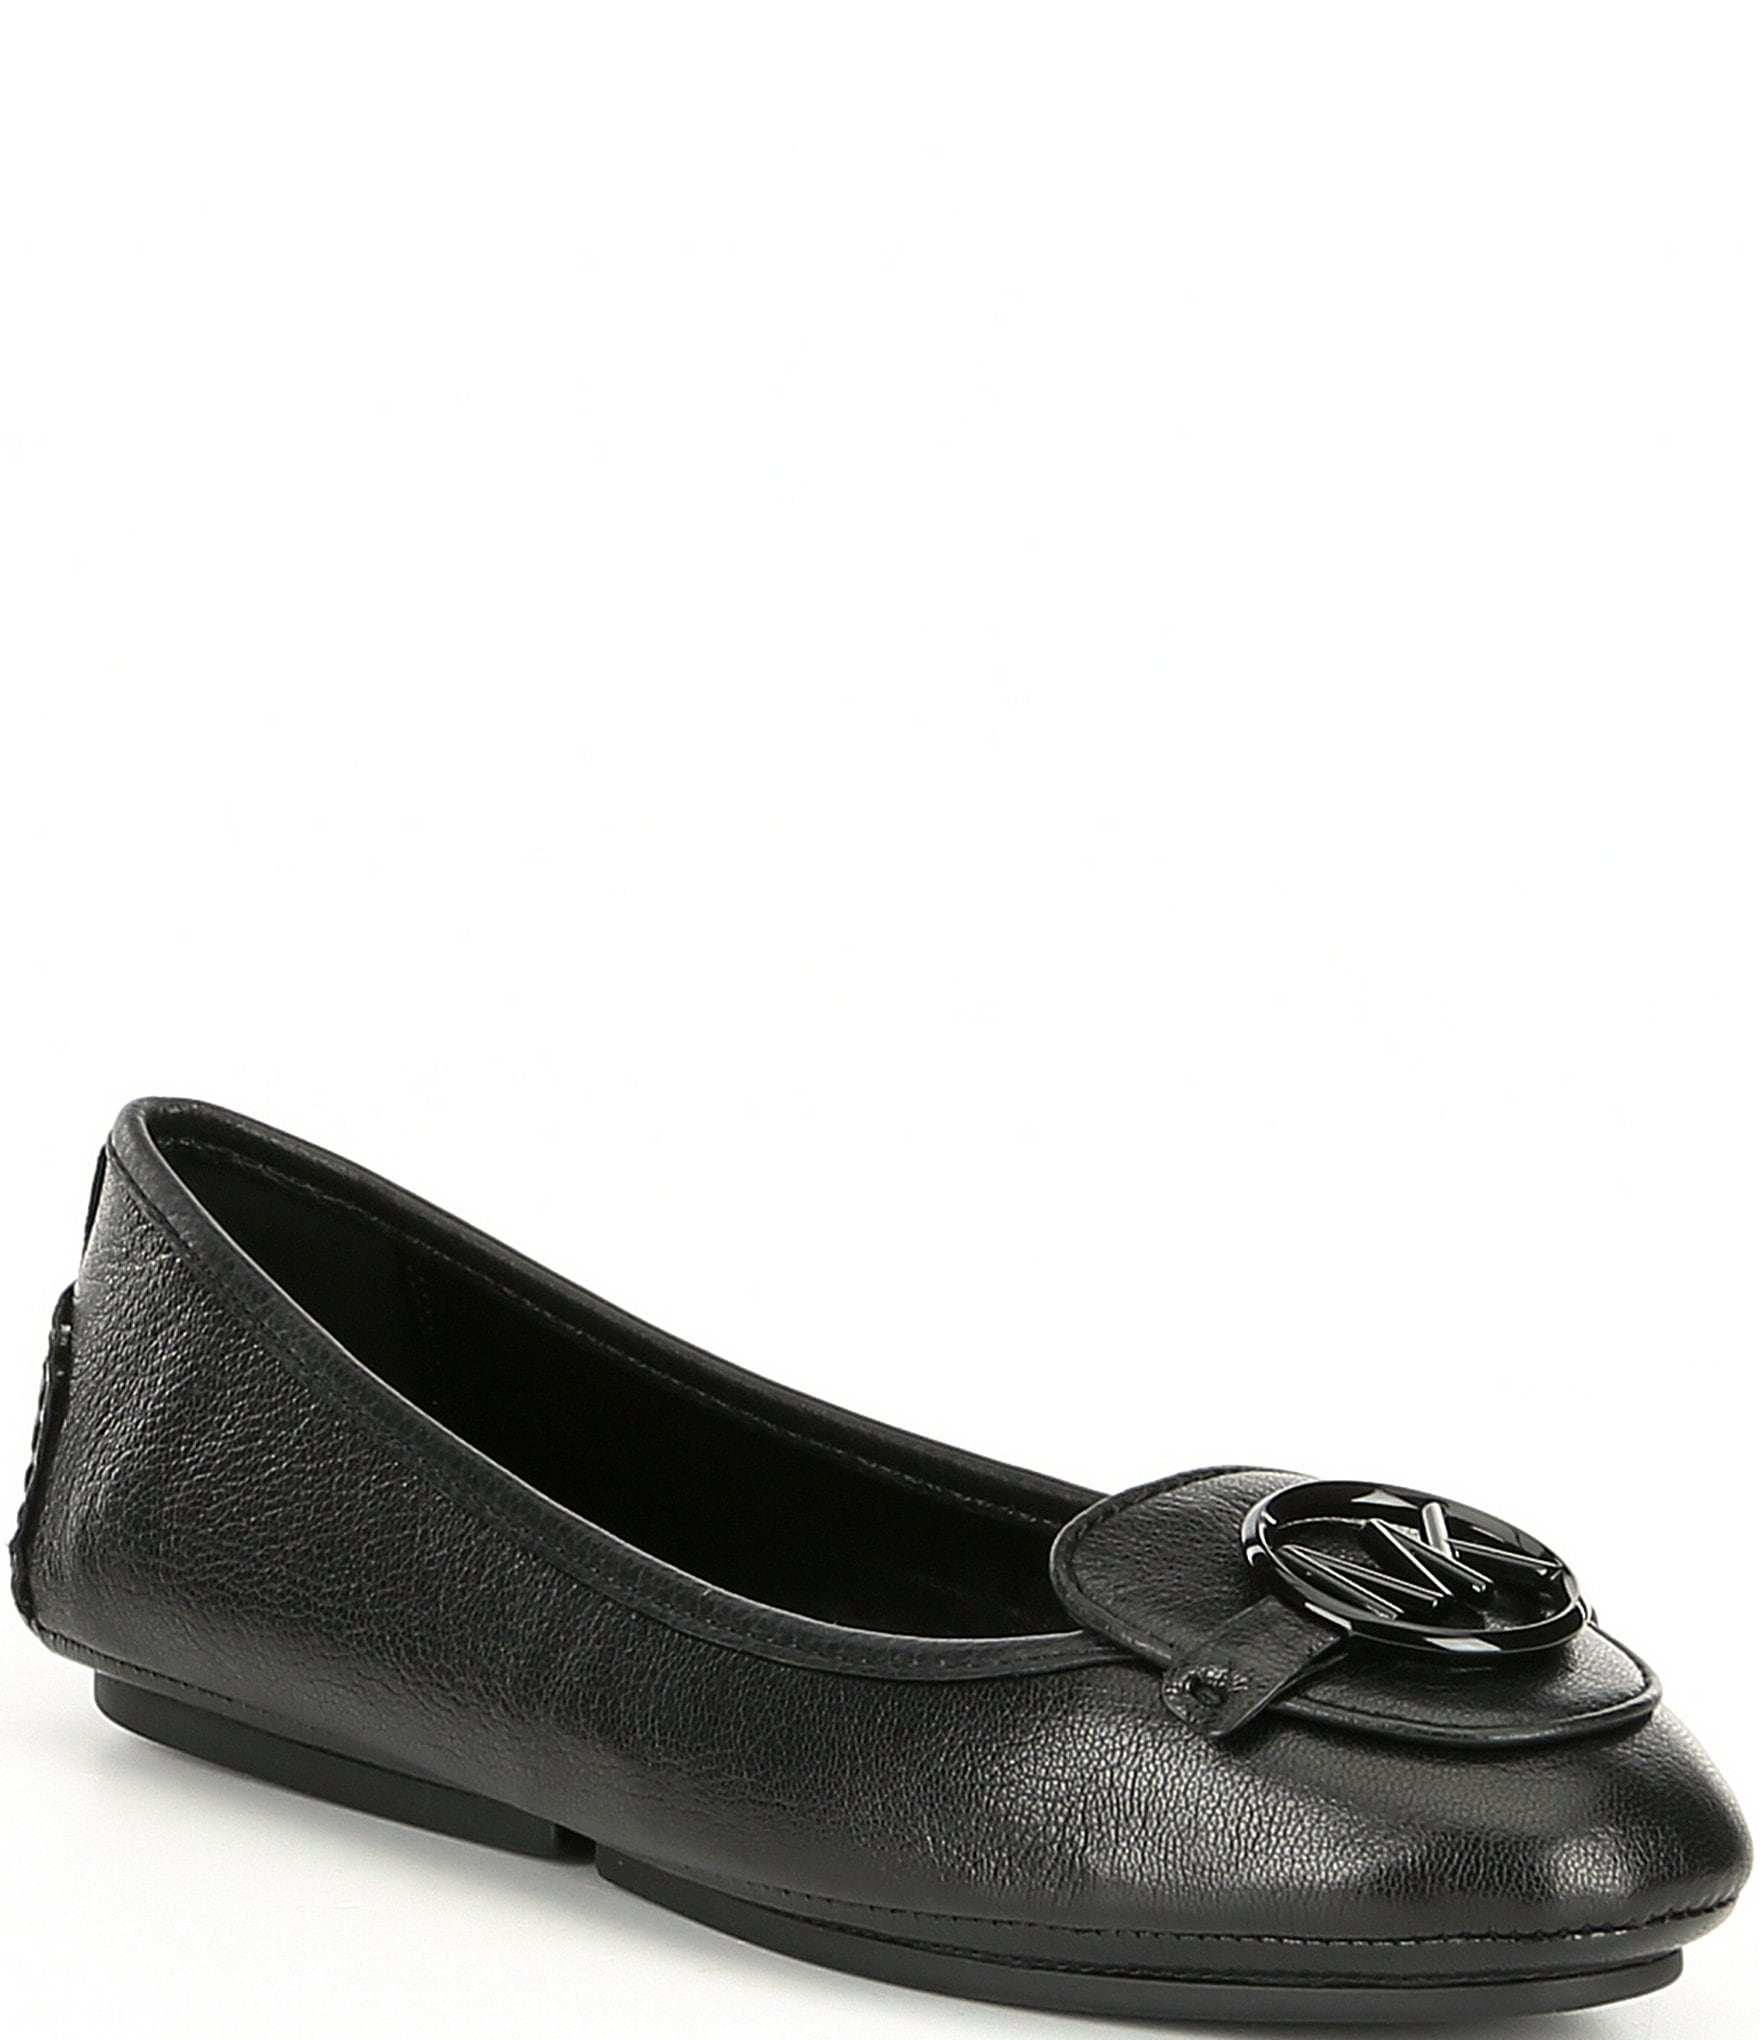 0317d989d Women's Shoes | Dillard's